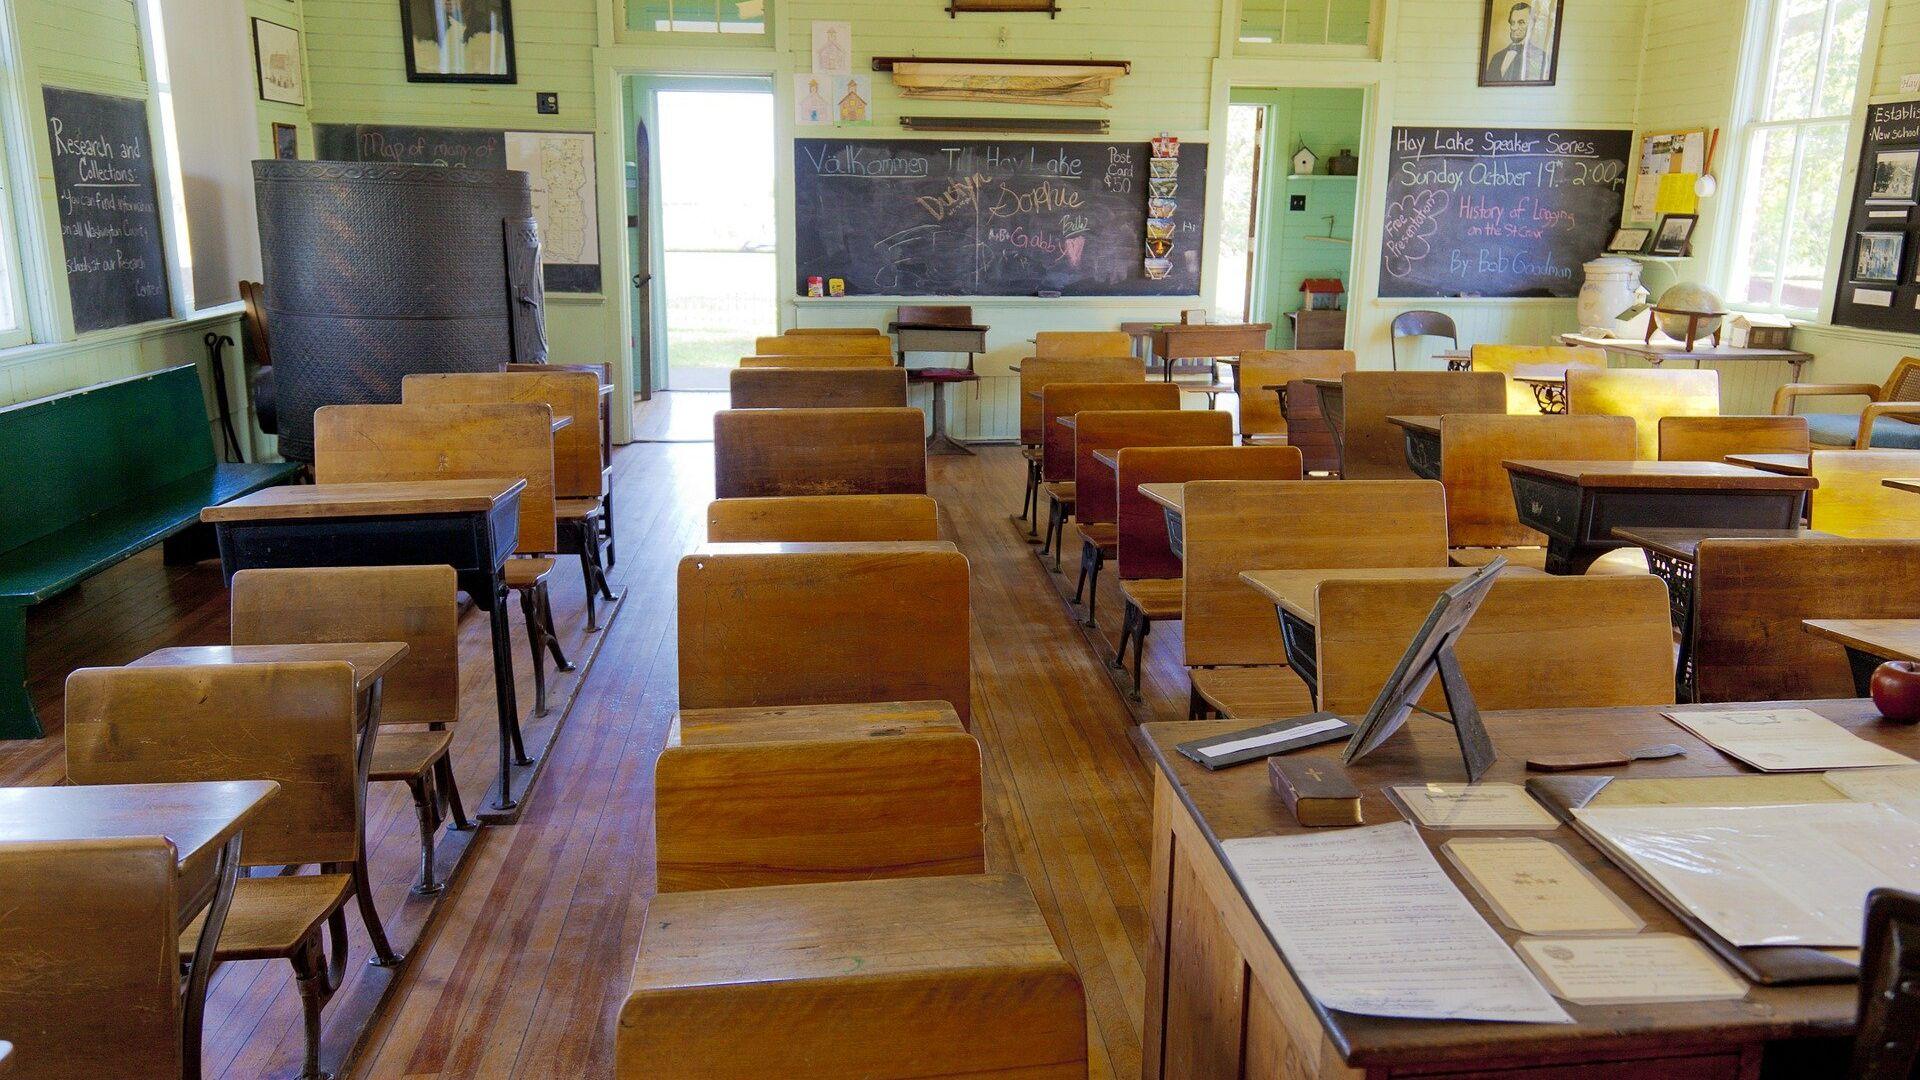 Un salón de clases - Sputnik Mundo, 1920, 05.04.2021